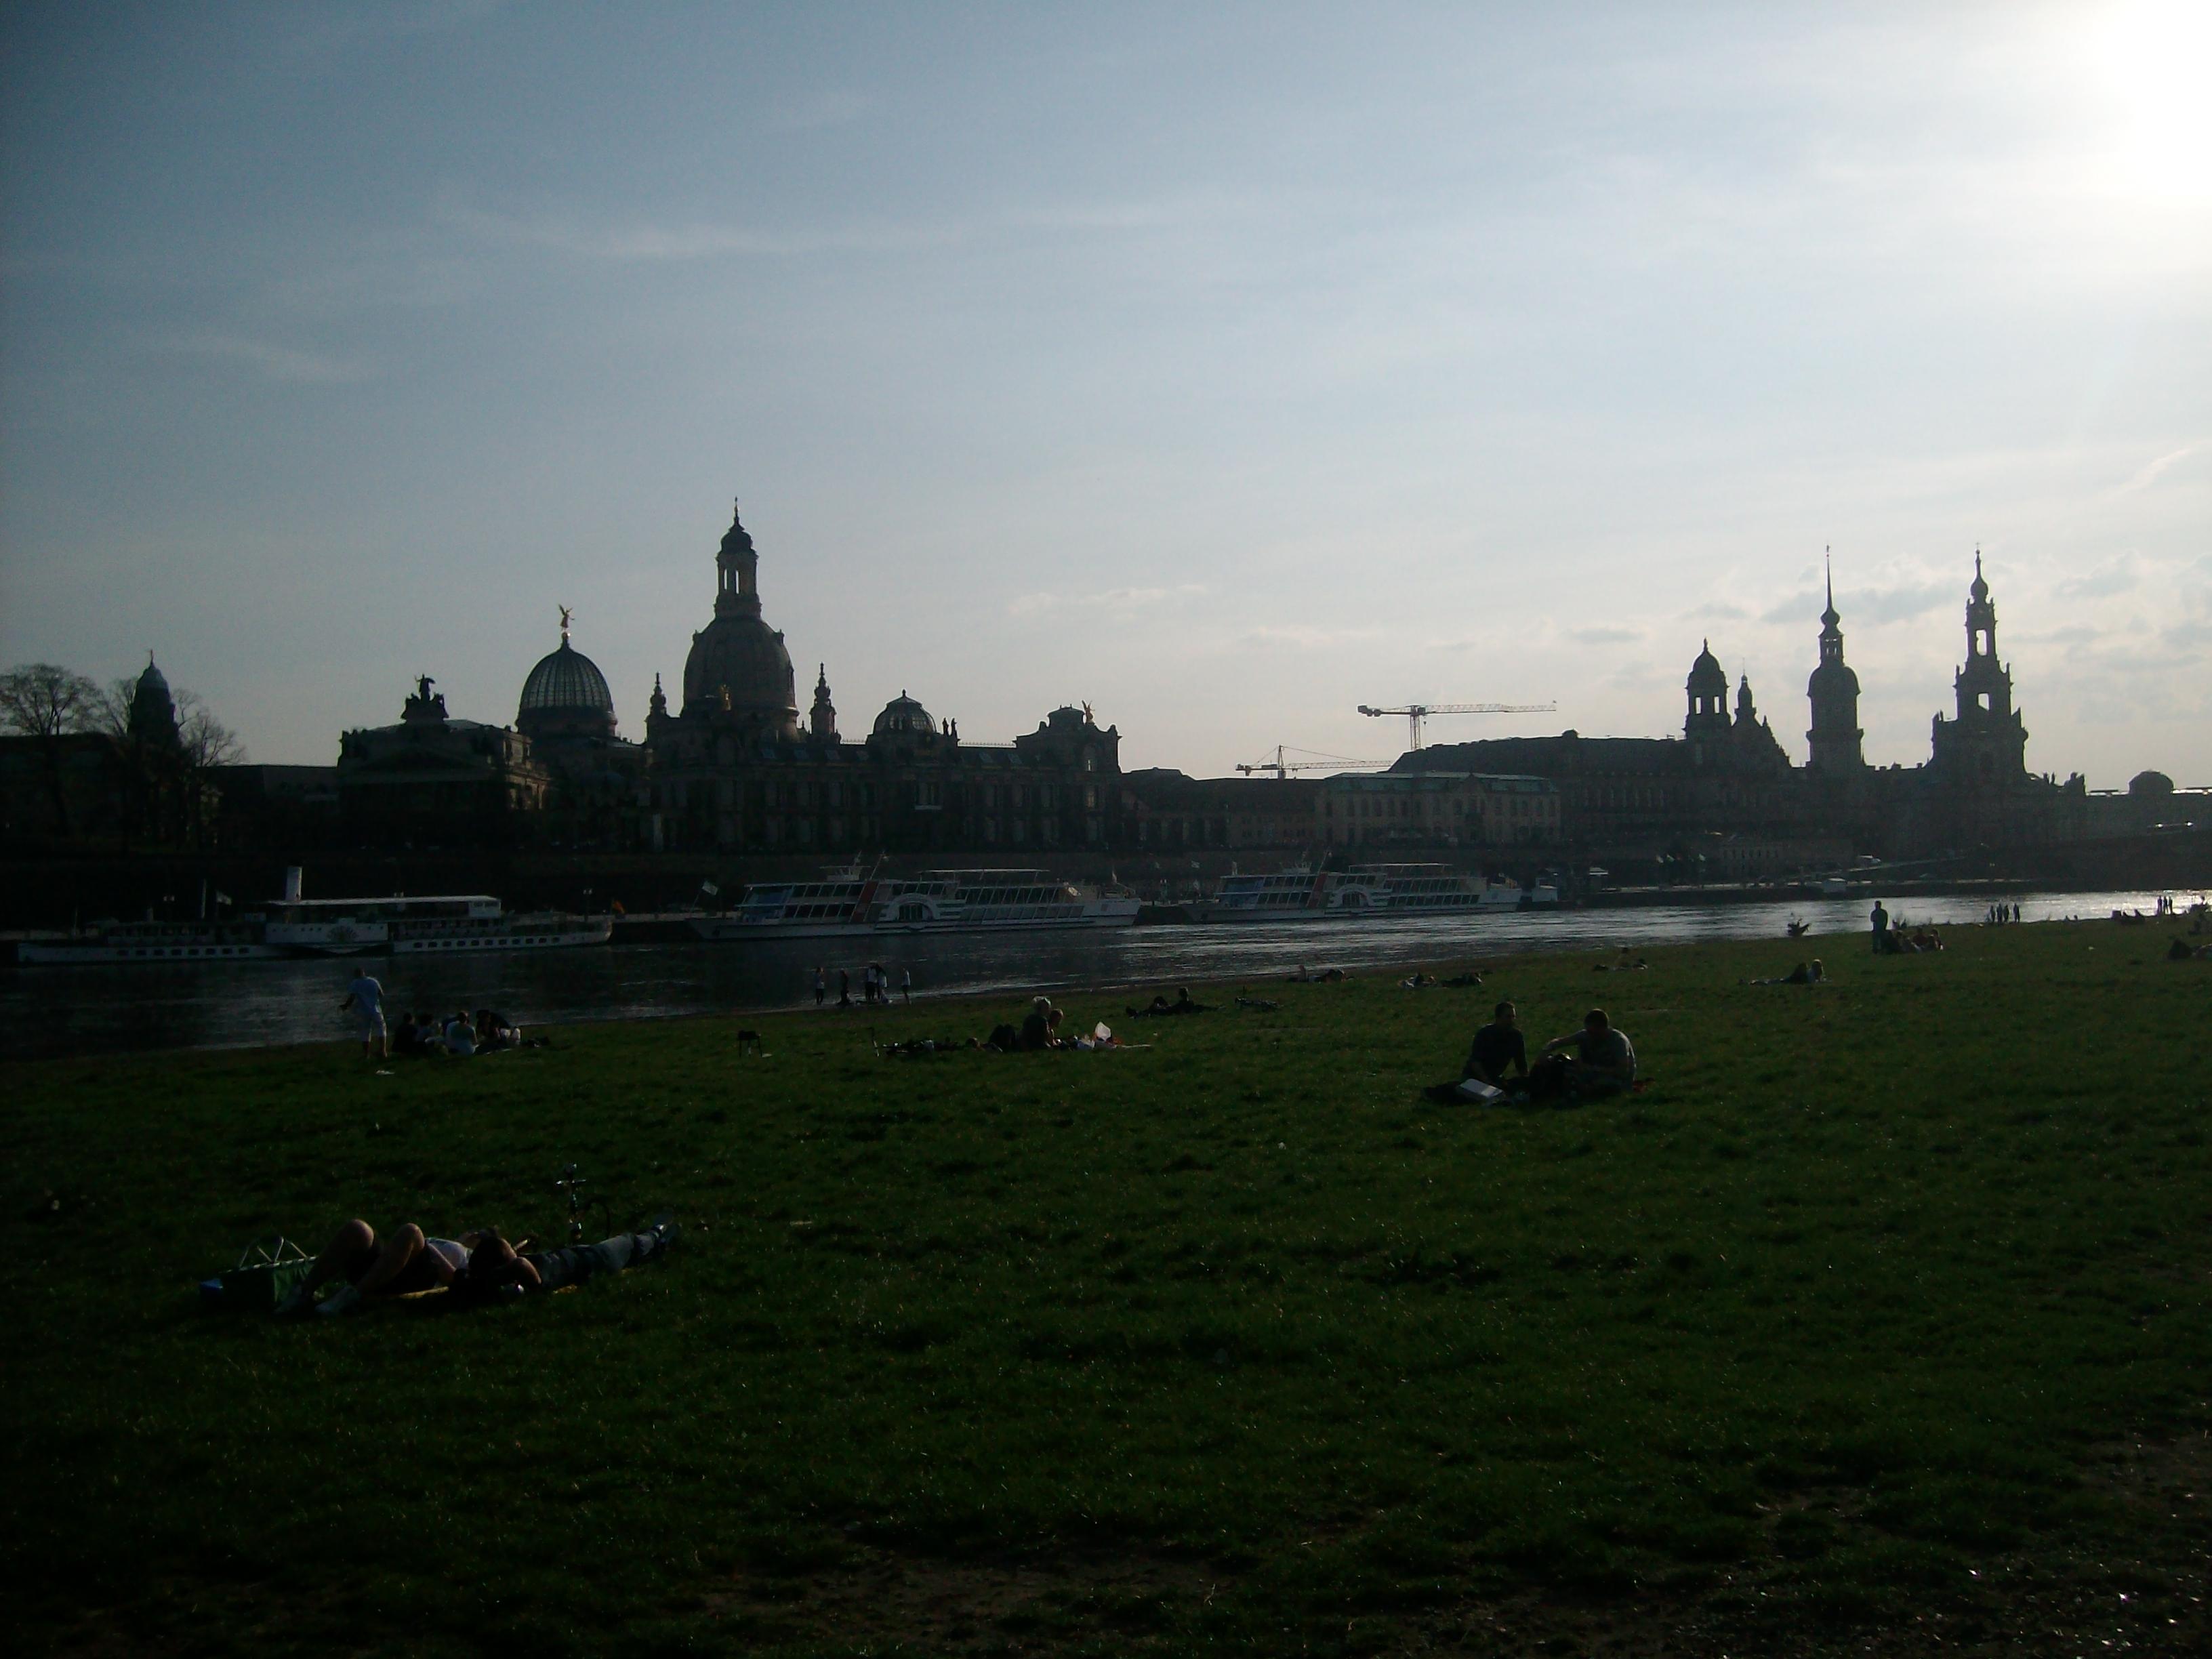 Endå so store øydeleggjingane var i 1945: Det unike bysentrumet i Dresden stend framleis på UNESCO si verdsarvlista.